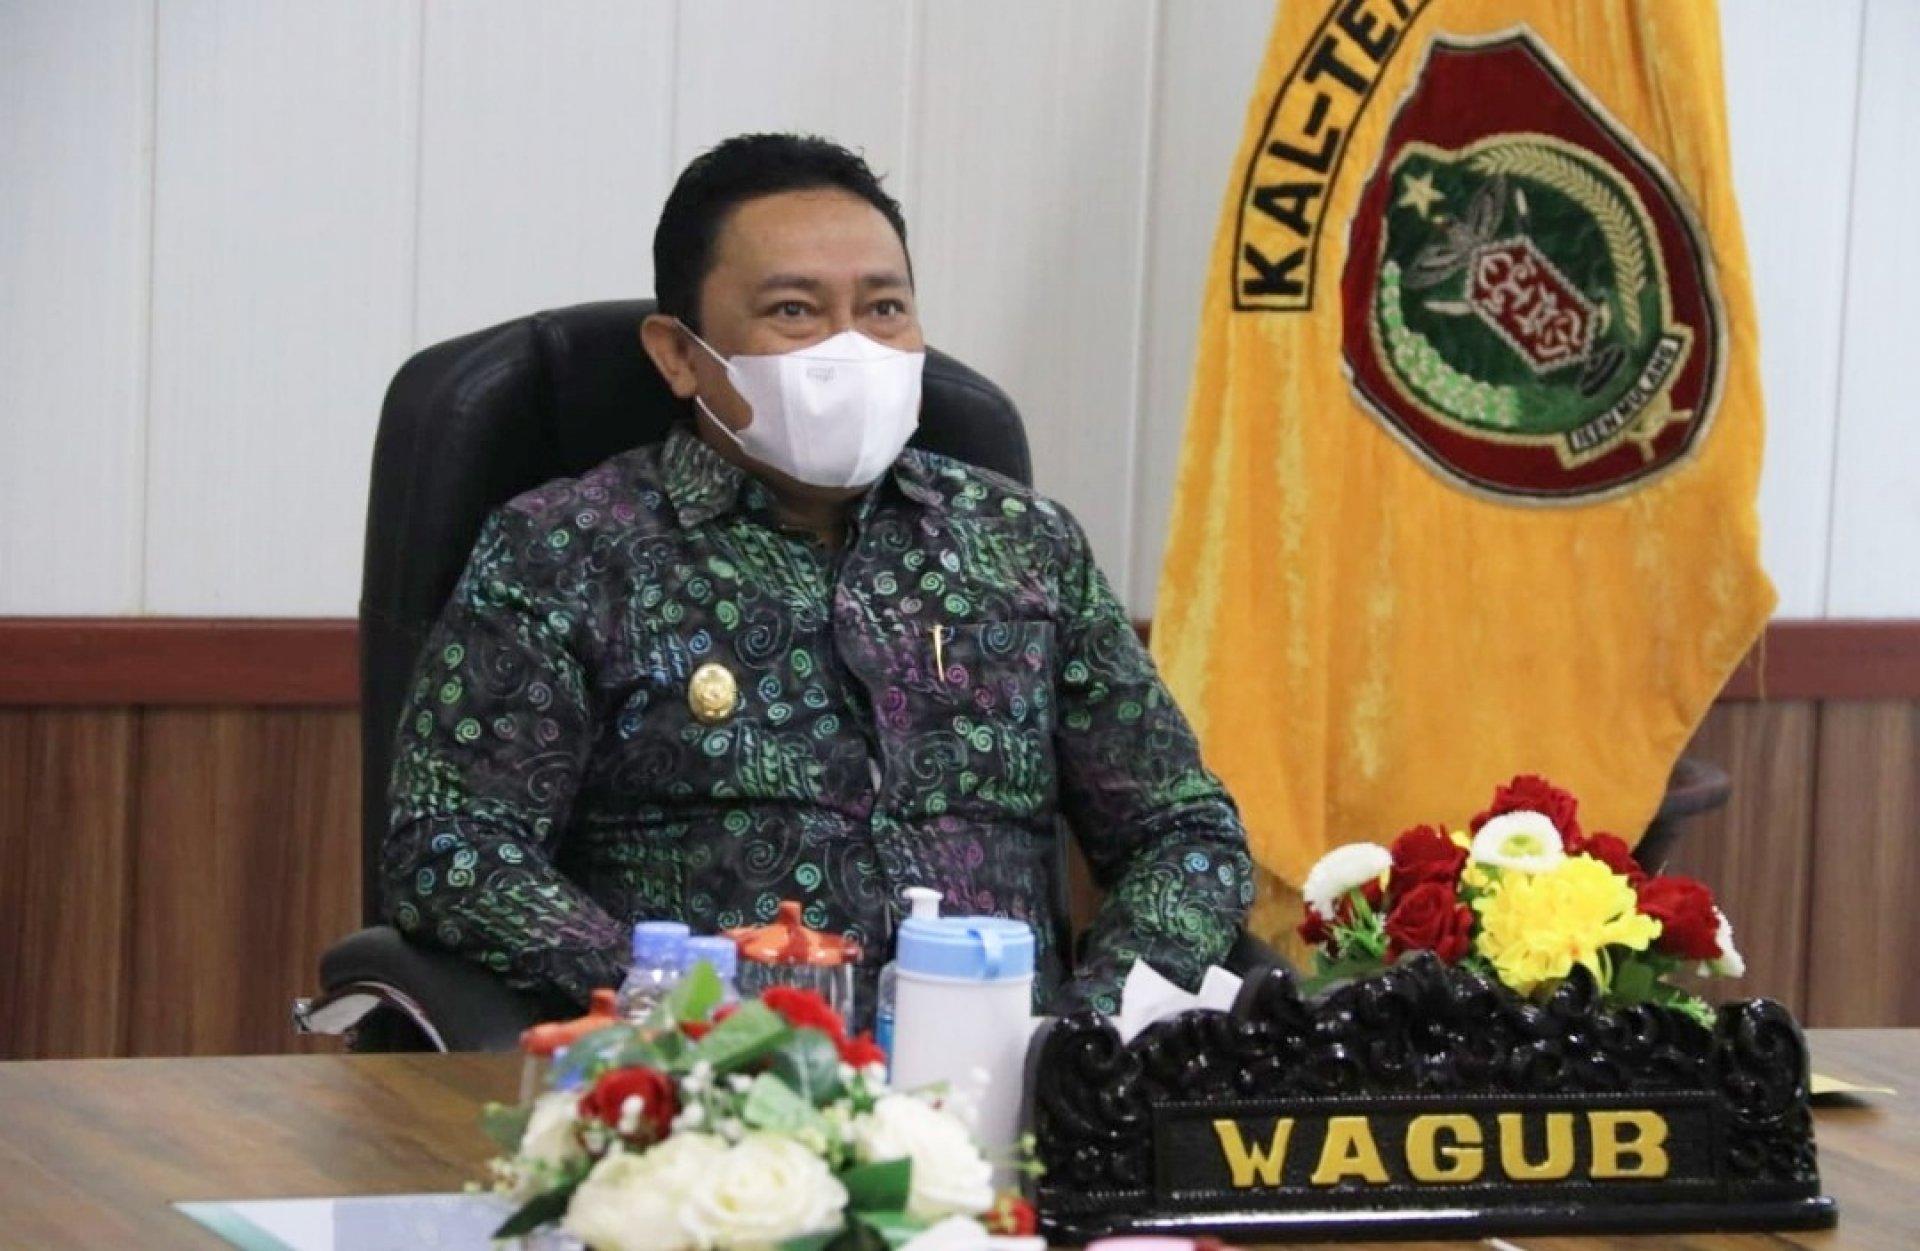 Wagub Edy Pratowo Hadiri Pertemuan Pengurus dan Anggota FKUB Kalteng Periode 2021-2026